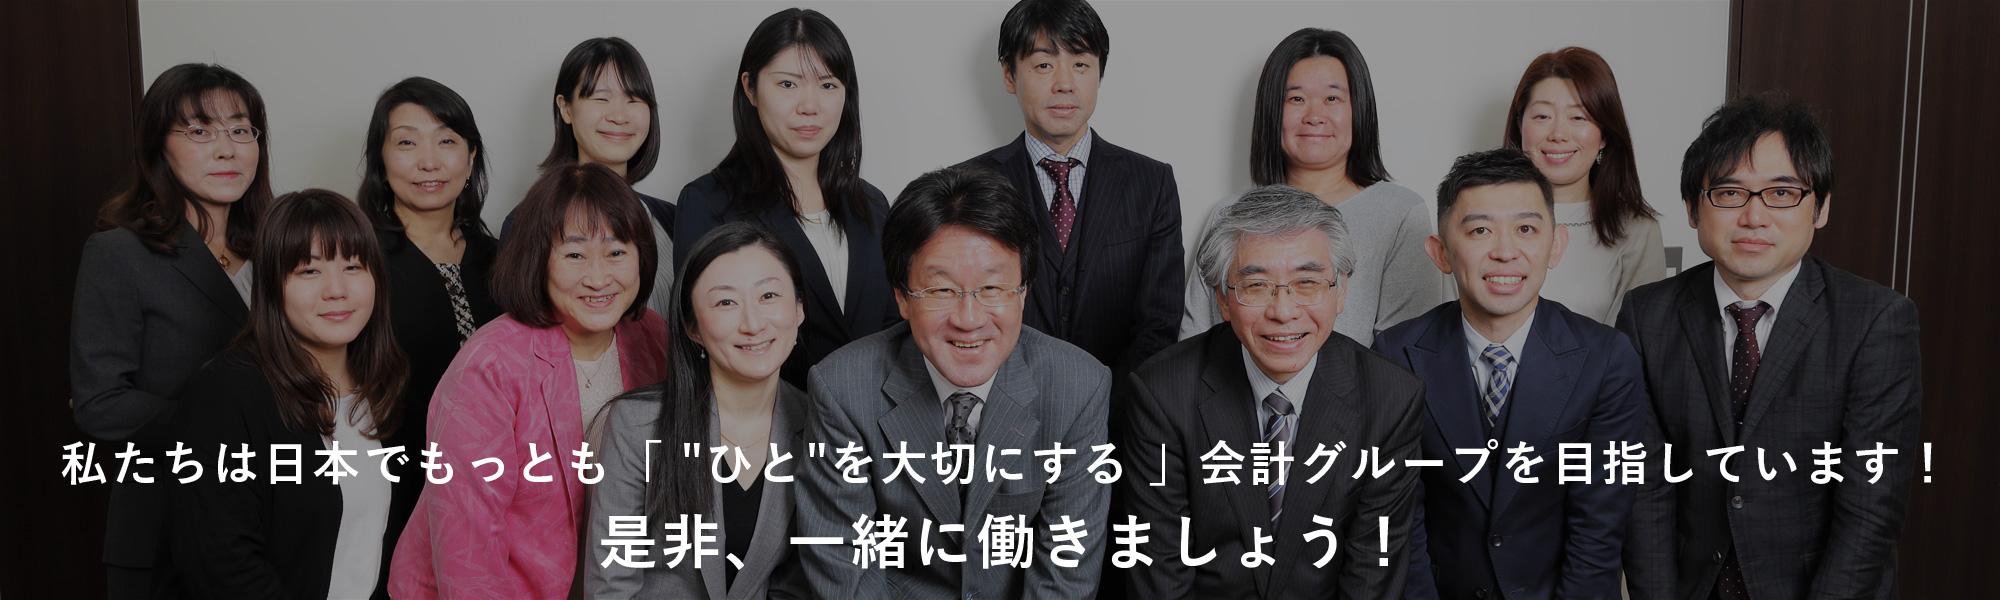 外国語対応スタッフ(バイリンガル・トライリンガル)